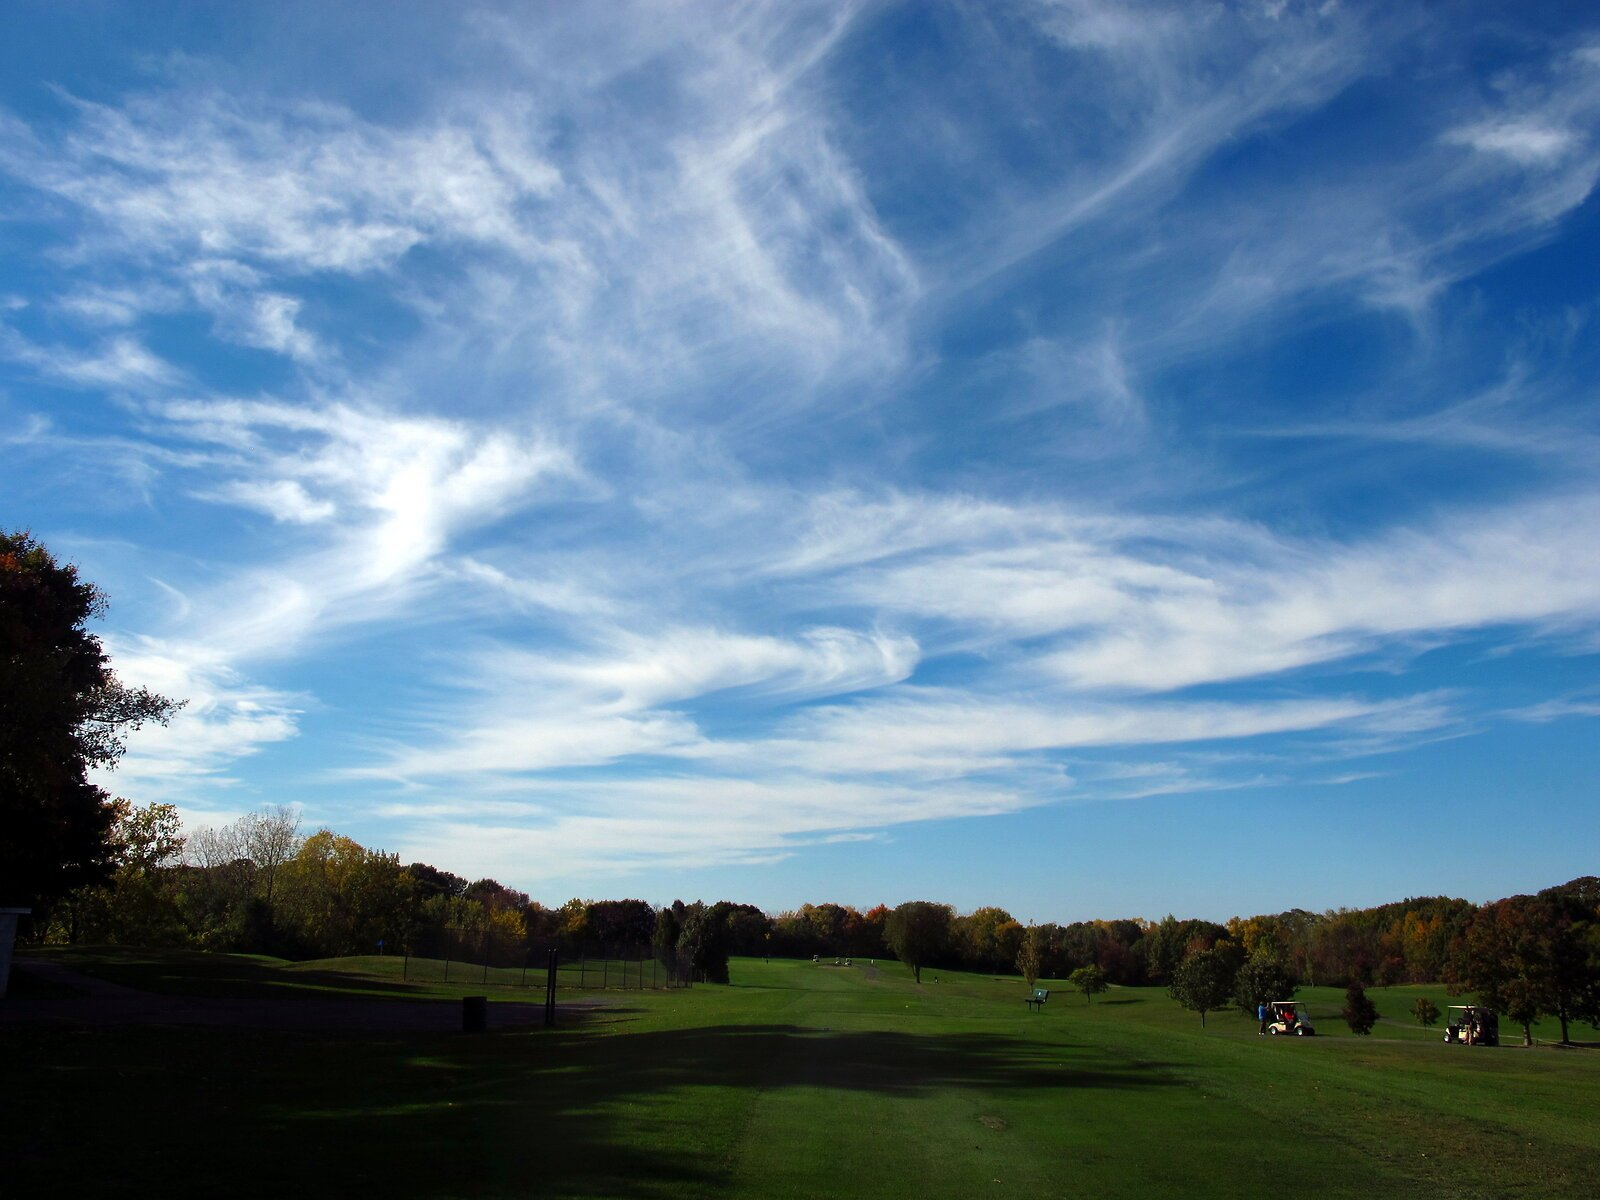 G12 skies Frear Park leaves 028-001.JPG